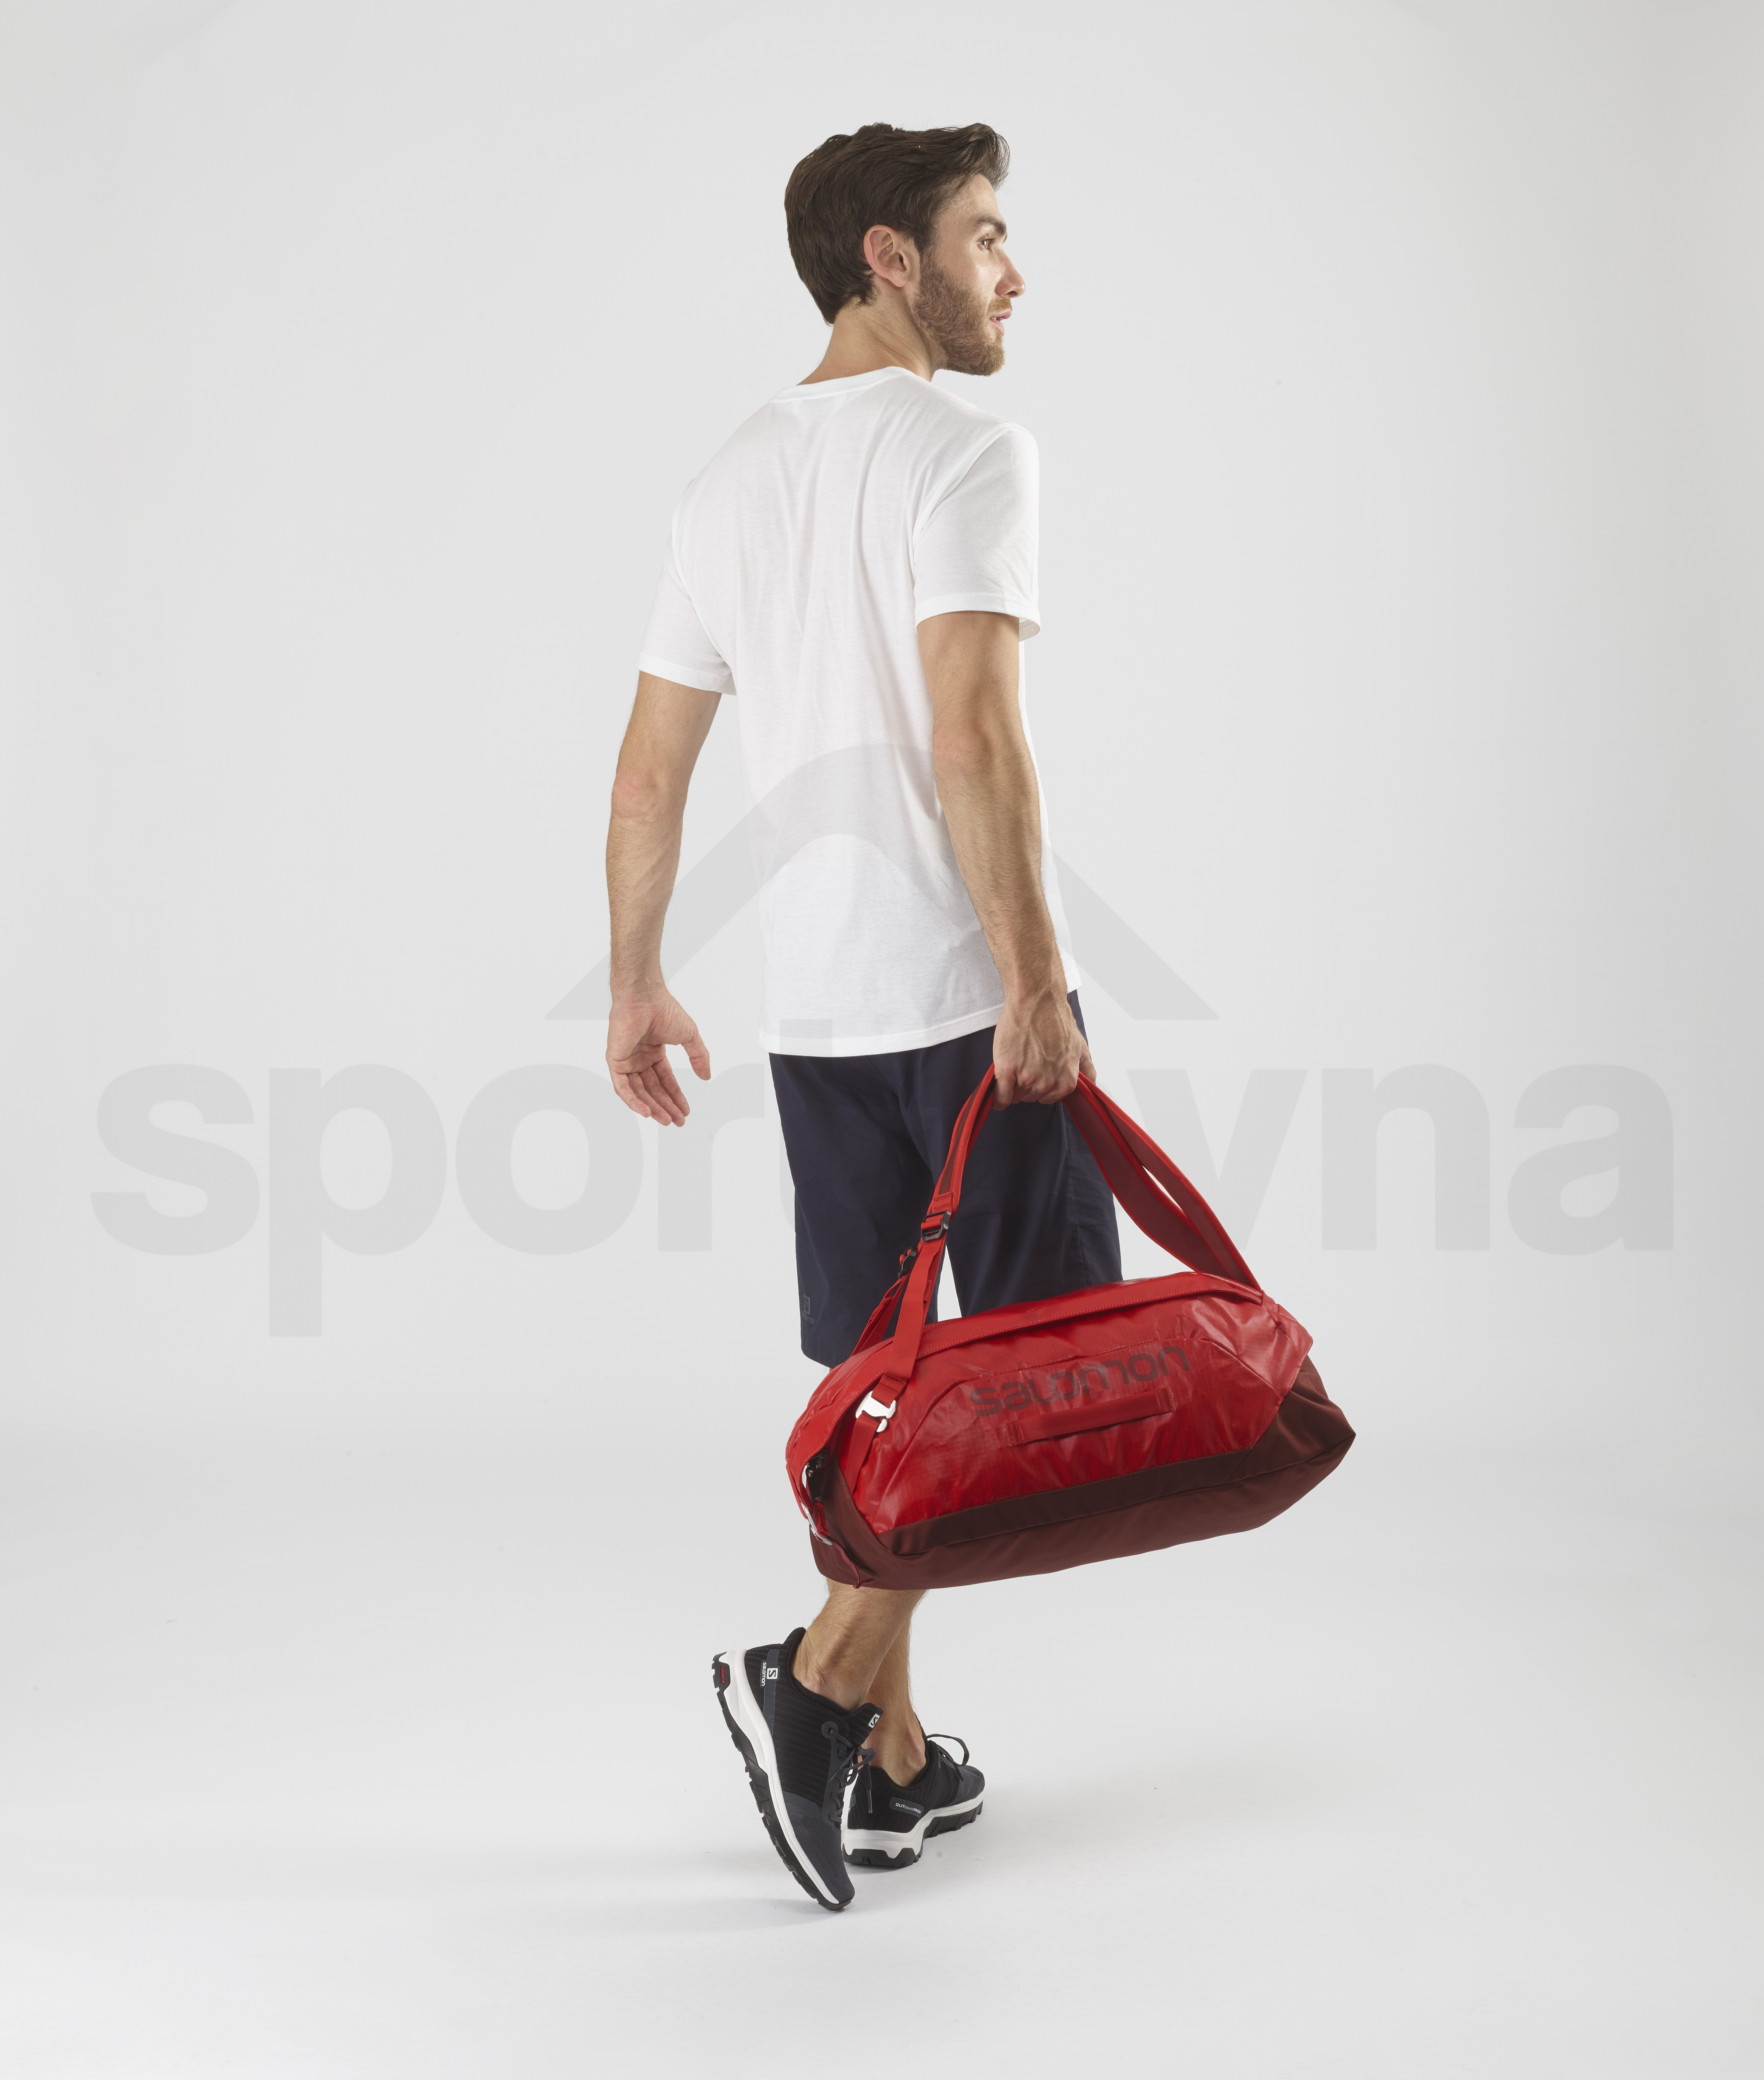 Cestovní taška Salomon OUTLIFE DUFFEL 25 - červená